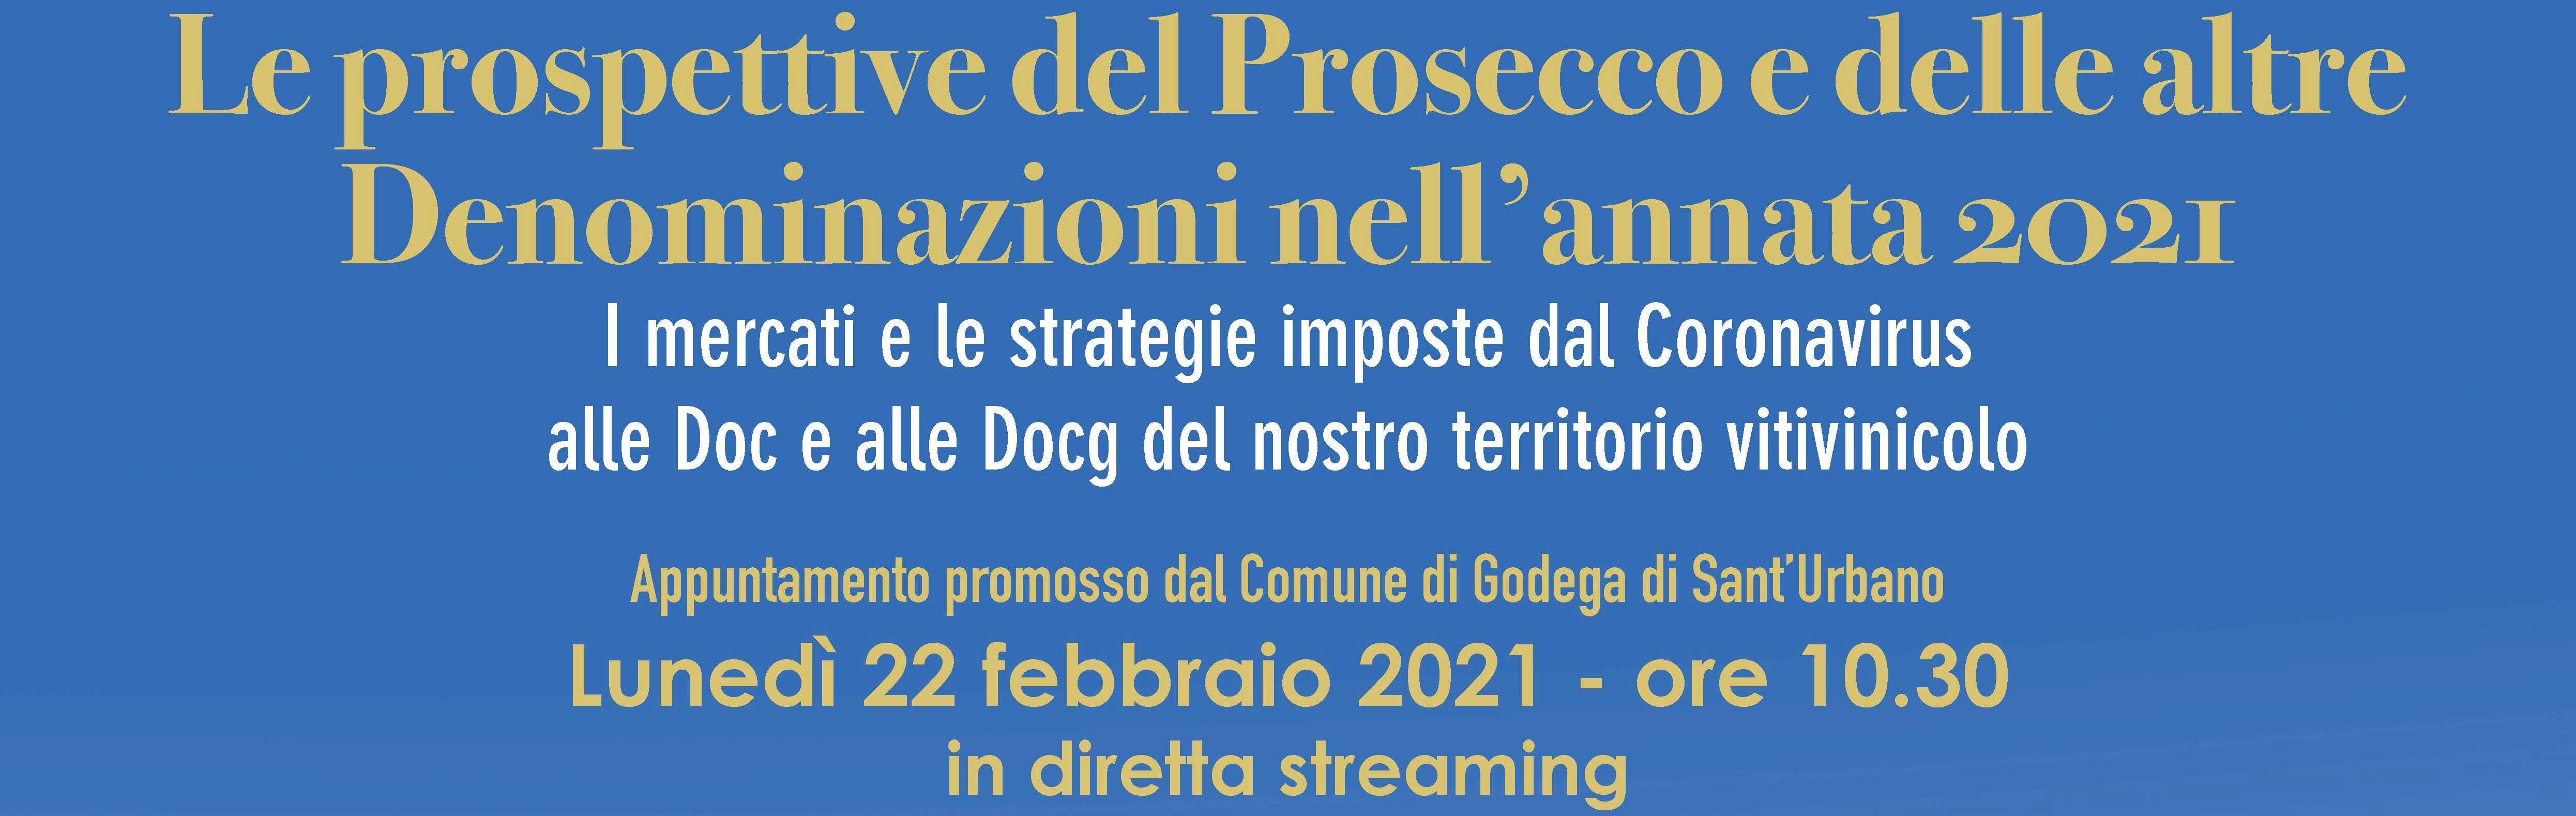 Le prospettive del Prosecco e delle altre denominazioni tra Venezia e Treviso nell'annata 2021